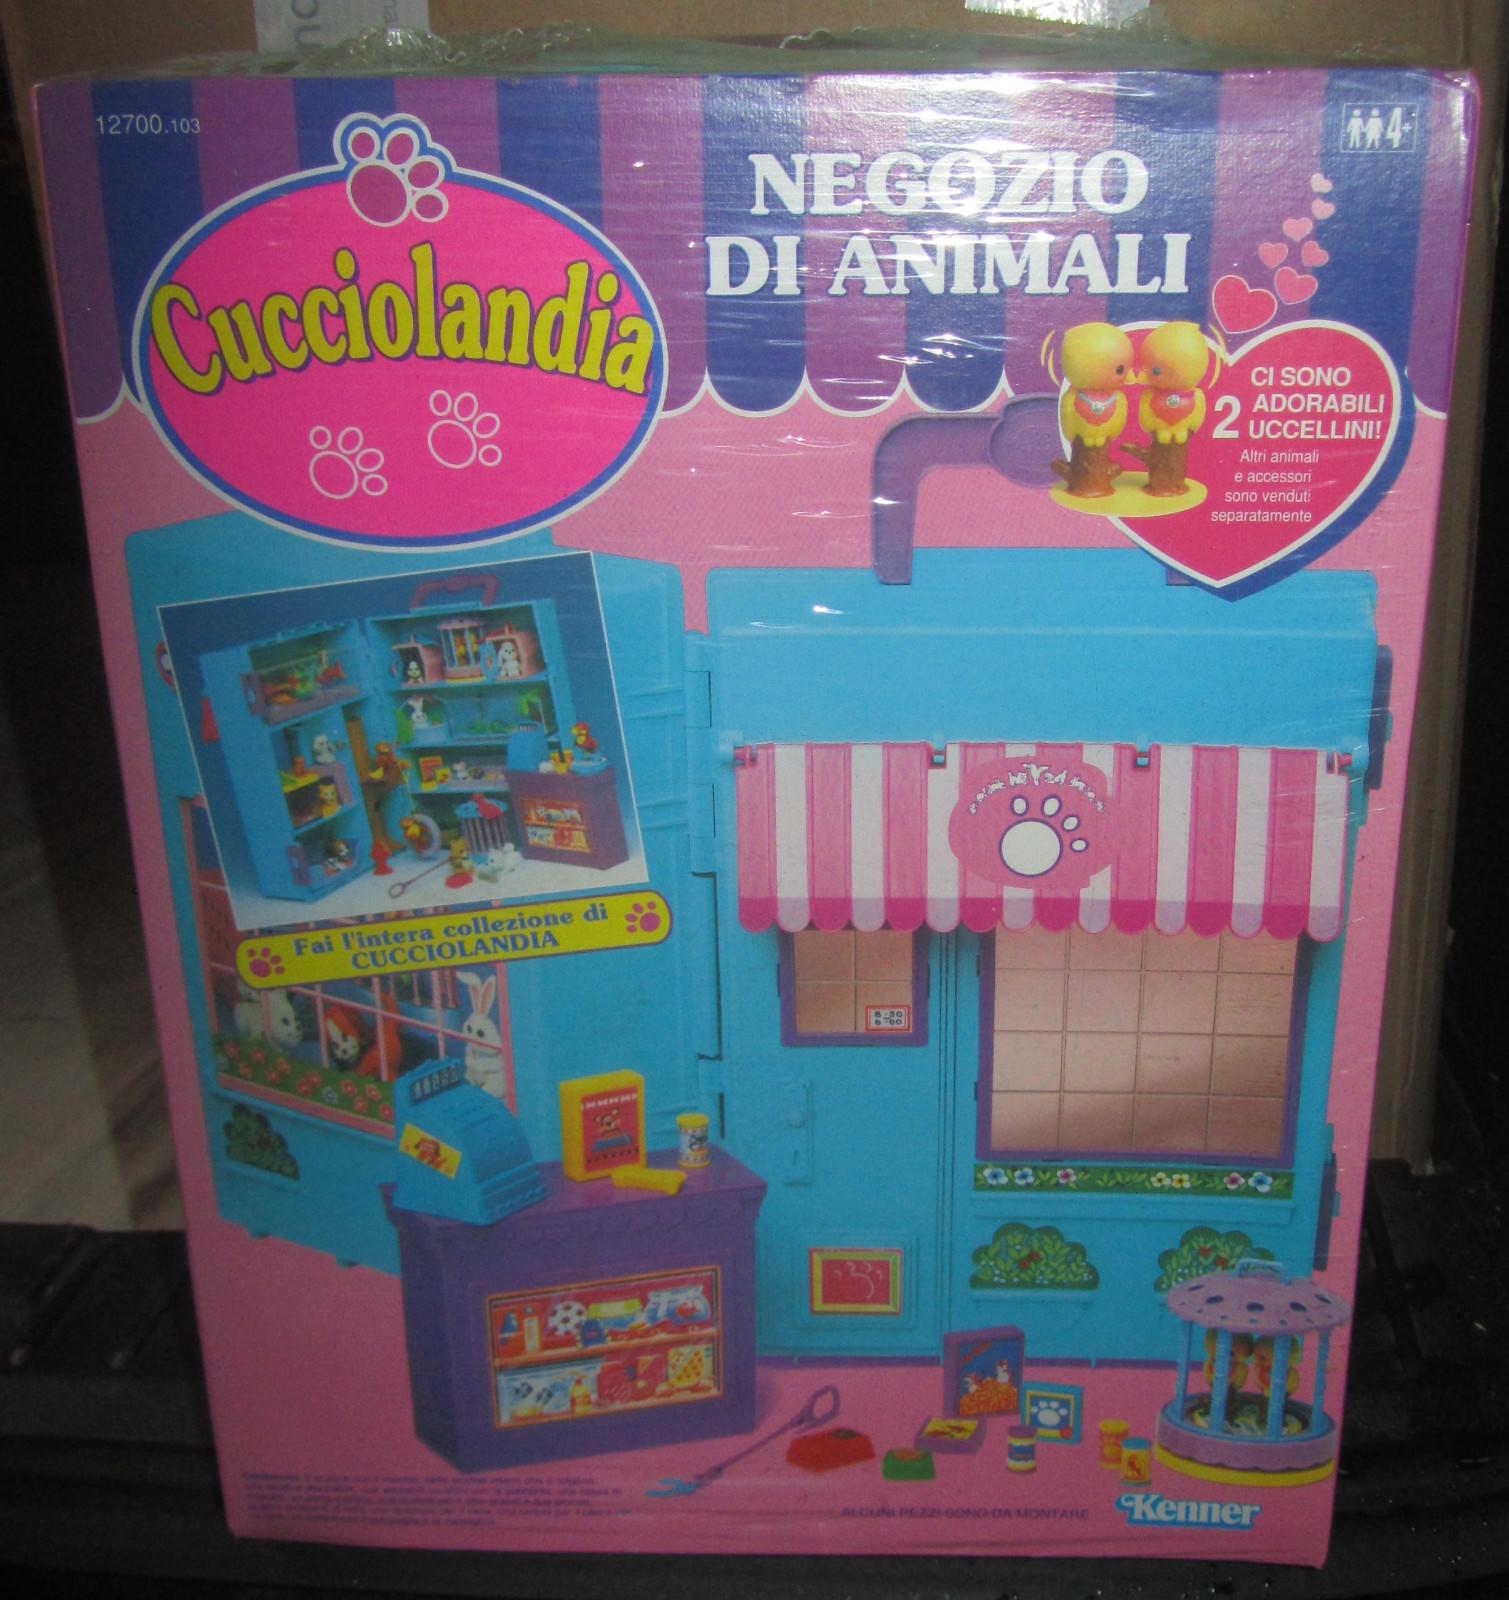 CUCCIOLANDIA NEGOZIO DI ANIMALI KENNER 1993 NEW FONDO MAGAZZINO SPESE GRATIS